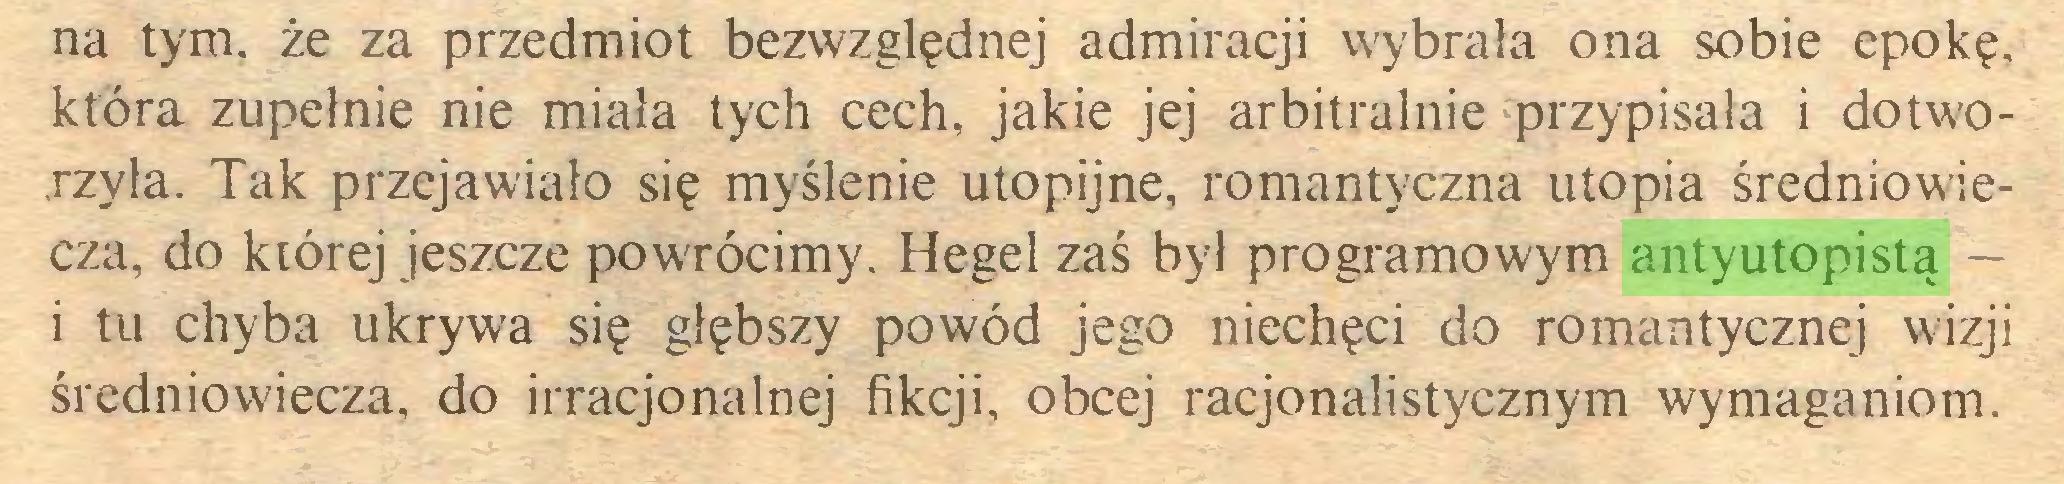 (...) na tym. że za przedmiot bezwzględnej admiracji wybrała ona sobie epokę, która zupełnie nie miała tych cech, jakie jej arbitralnie przypisała i dotworzyla. Tak przejawiało się myślenie utopijne, romantyczna utopia średniowiecza, do kiórej jeszcze powTÓcimy. Hegel zaś był programowym antyutopistą — i tu chyba ukrywa się głębszy powód jego niechęci do romantycznej wizji średniowiecza, do irracjonalnej fikcji, obcej racjonalistycznym wymaganiom...